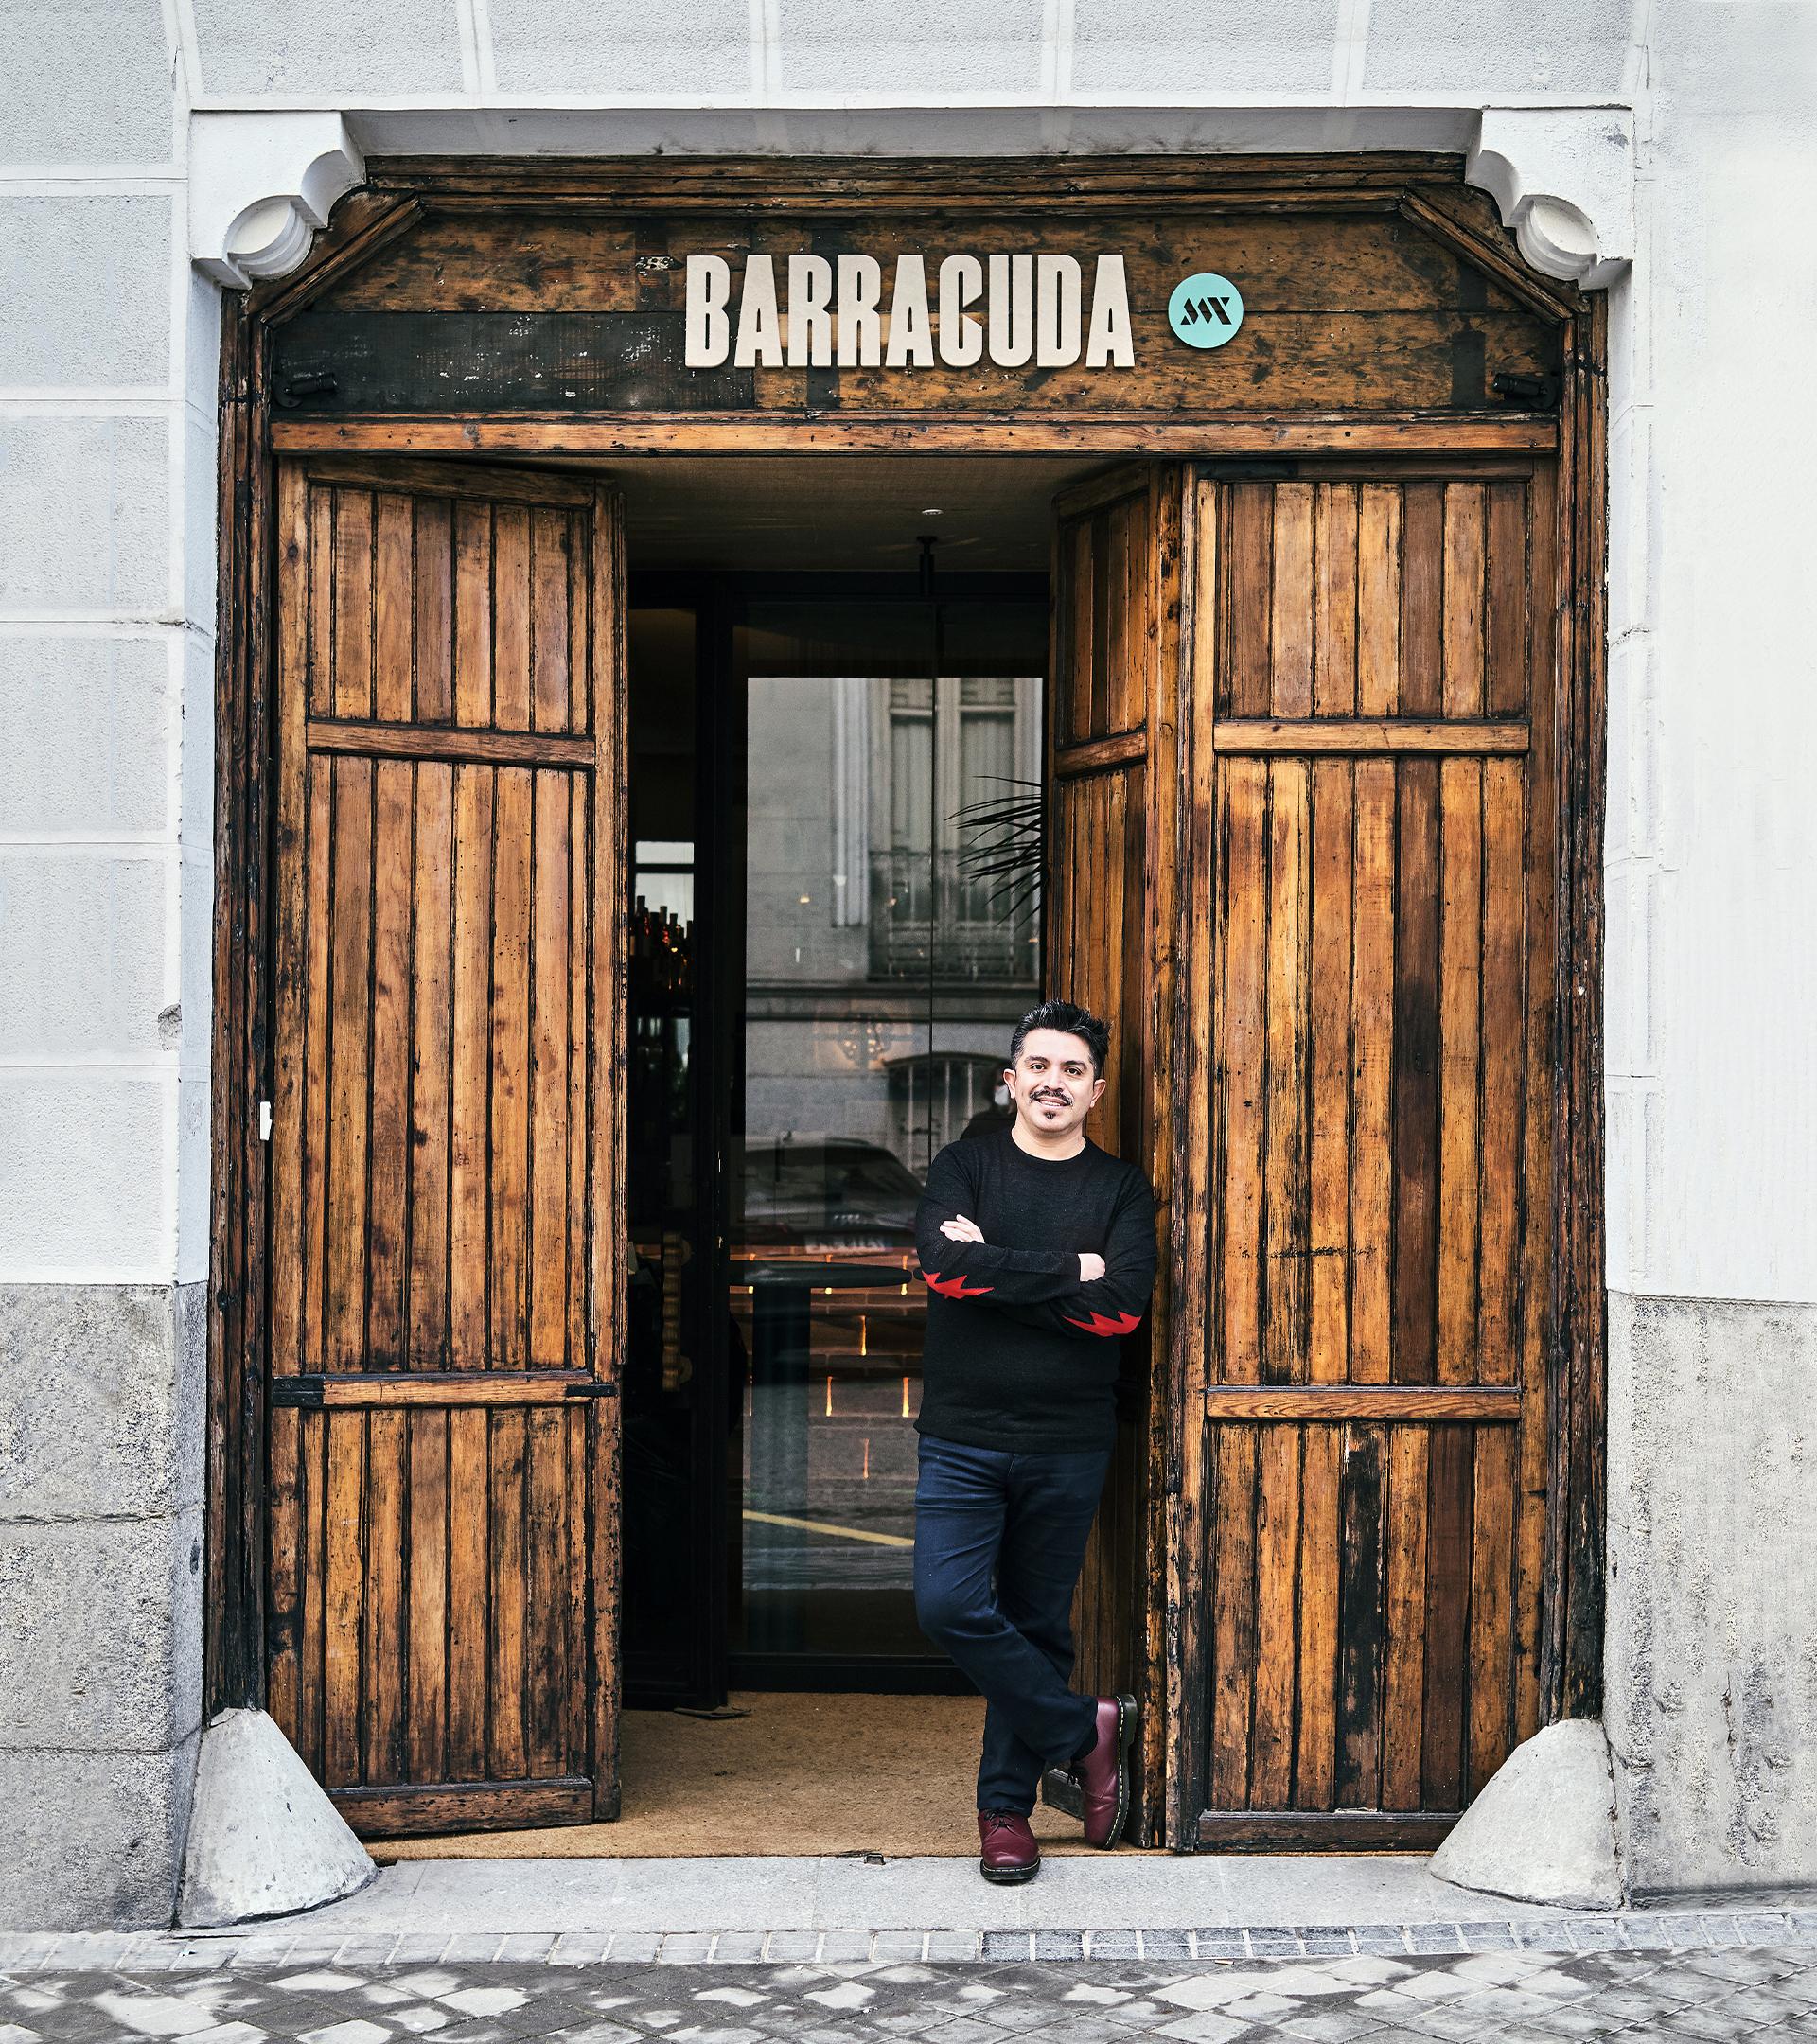 Barracuda MX. El nuevo restaurante abierto por Roberto Ruiz en febrero.